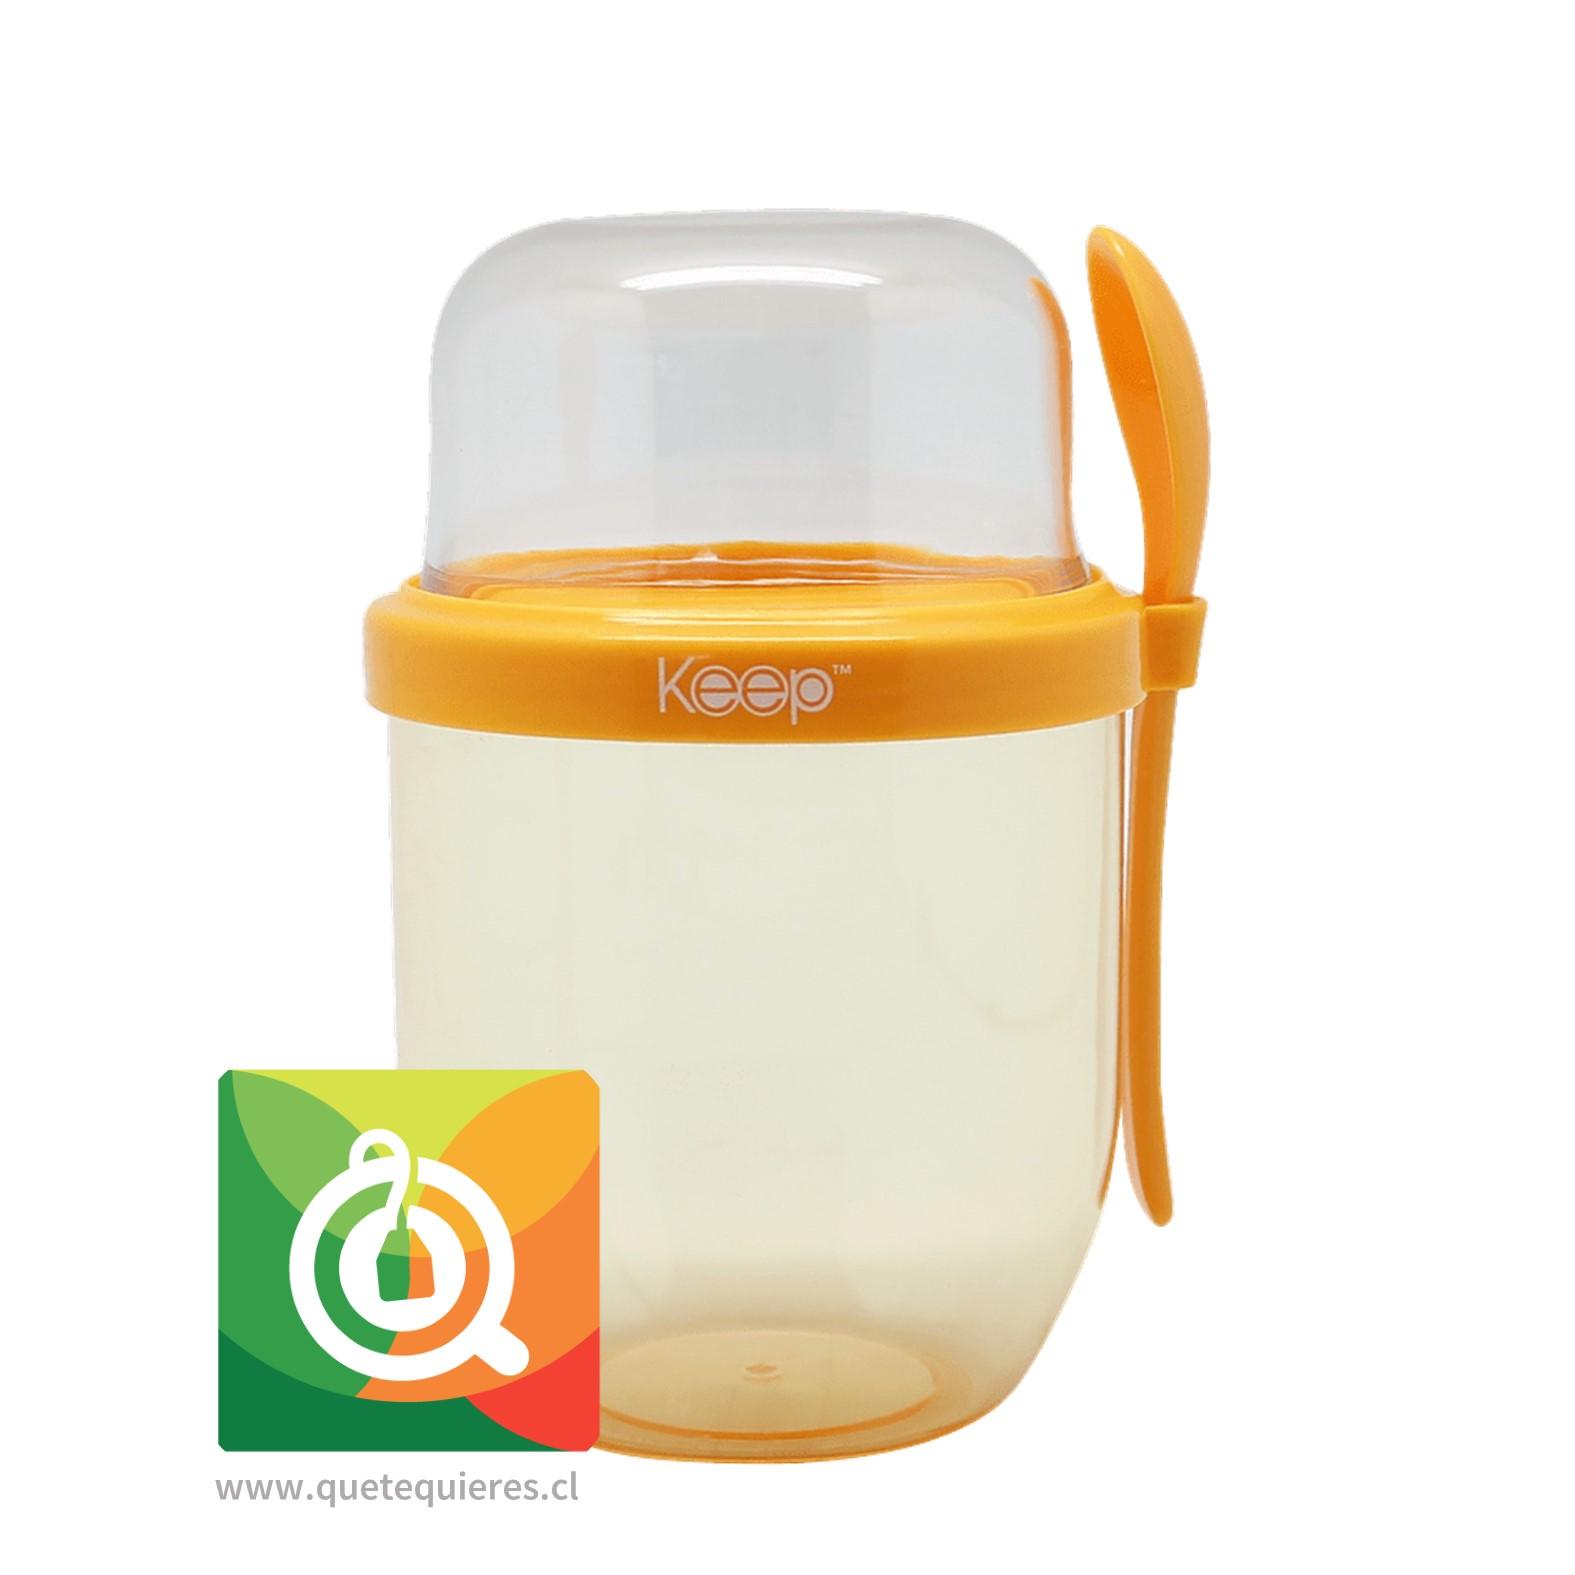 Keep Vaso Yogurt To Go II Naranjo